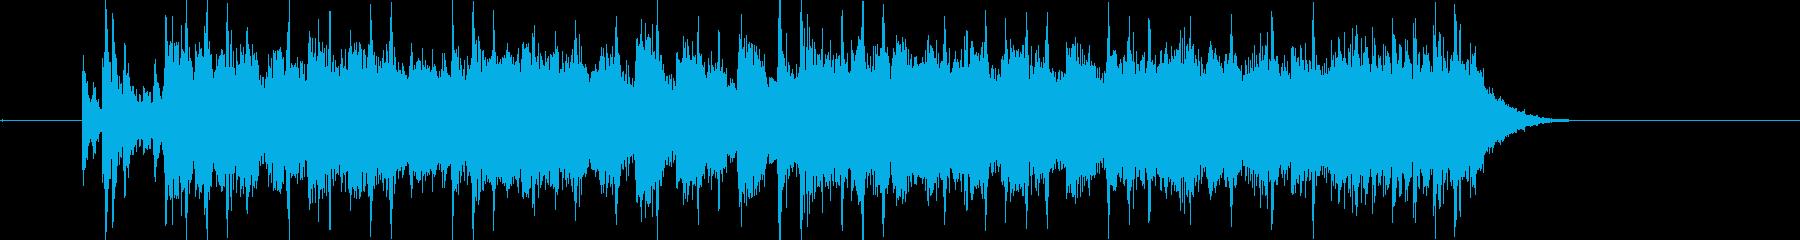 シューティングゲームな曲の再生済みの波形